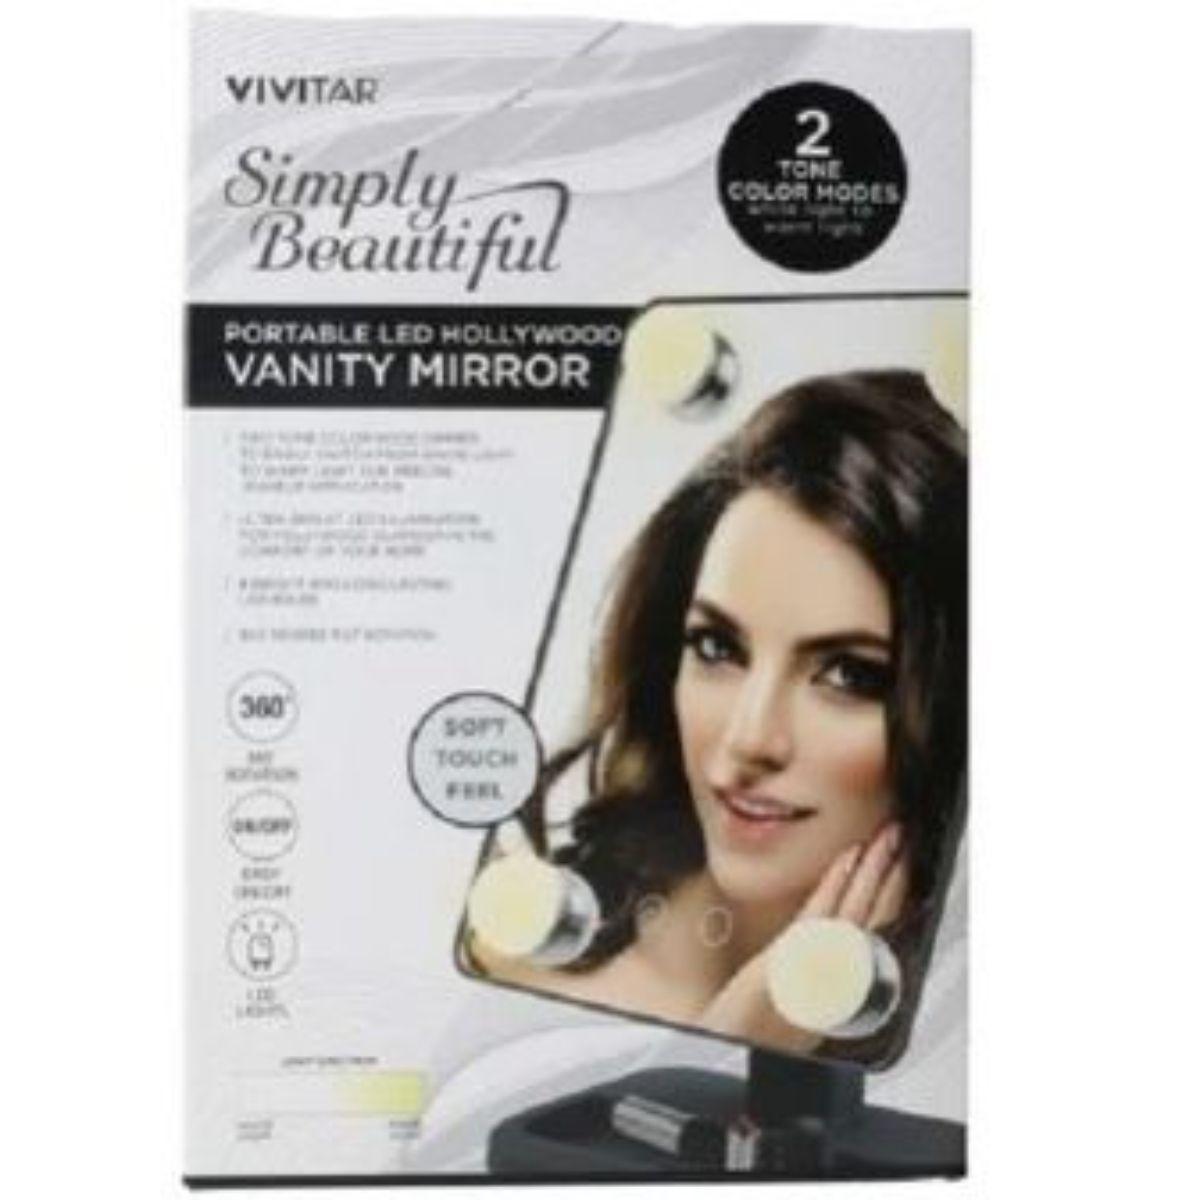 espejo portatil vivitar con luz calida y blanca hollywood 4 1